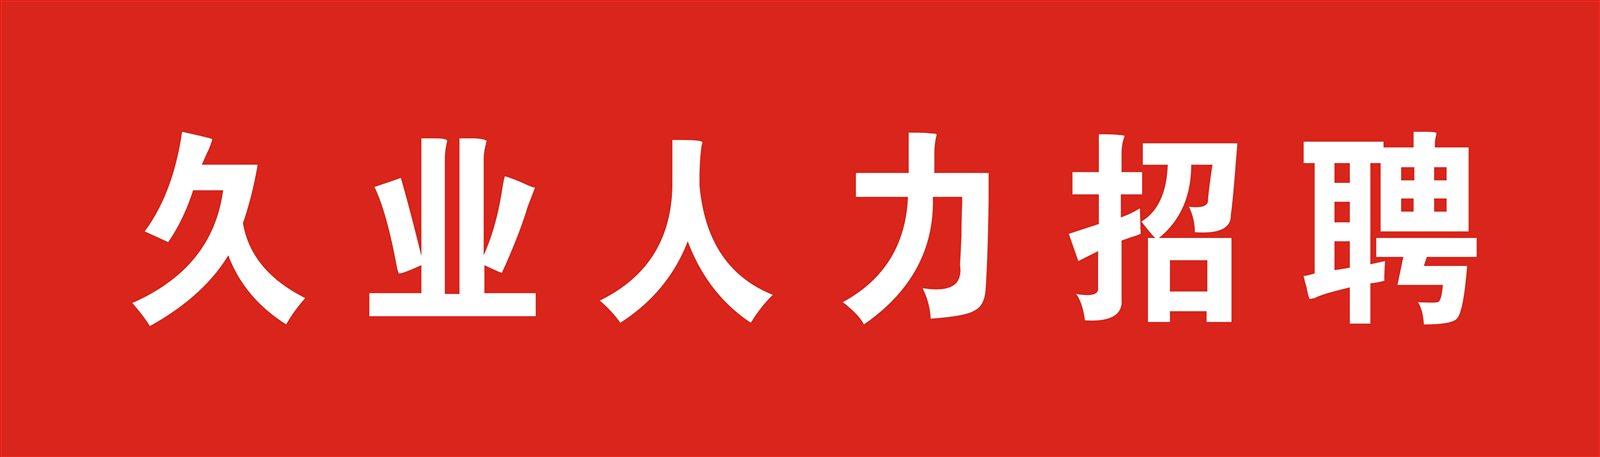 新县久业人力资源有限公司